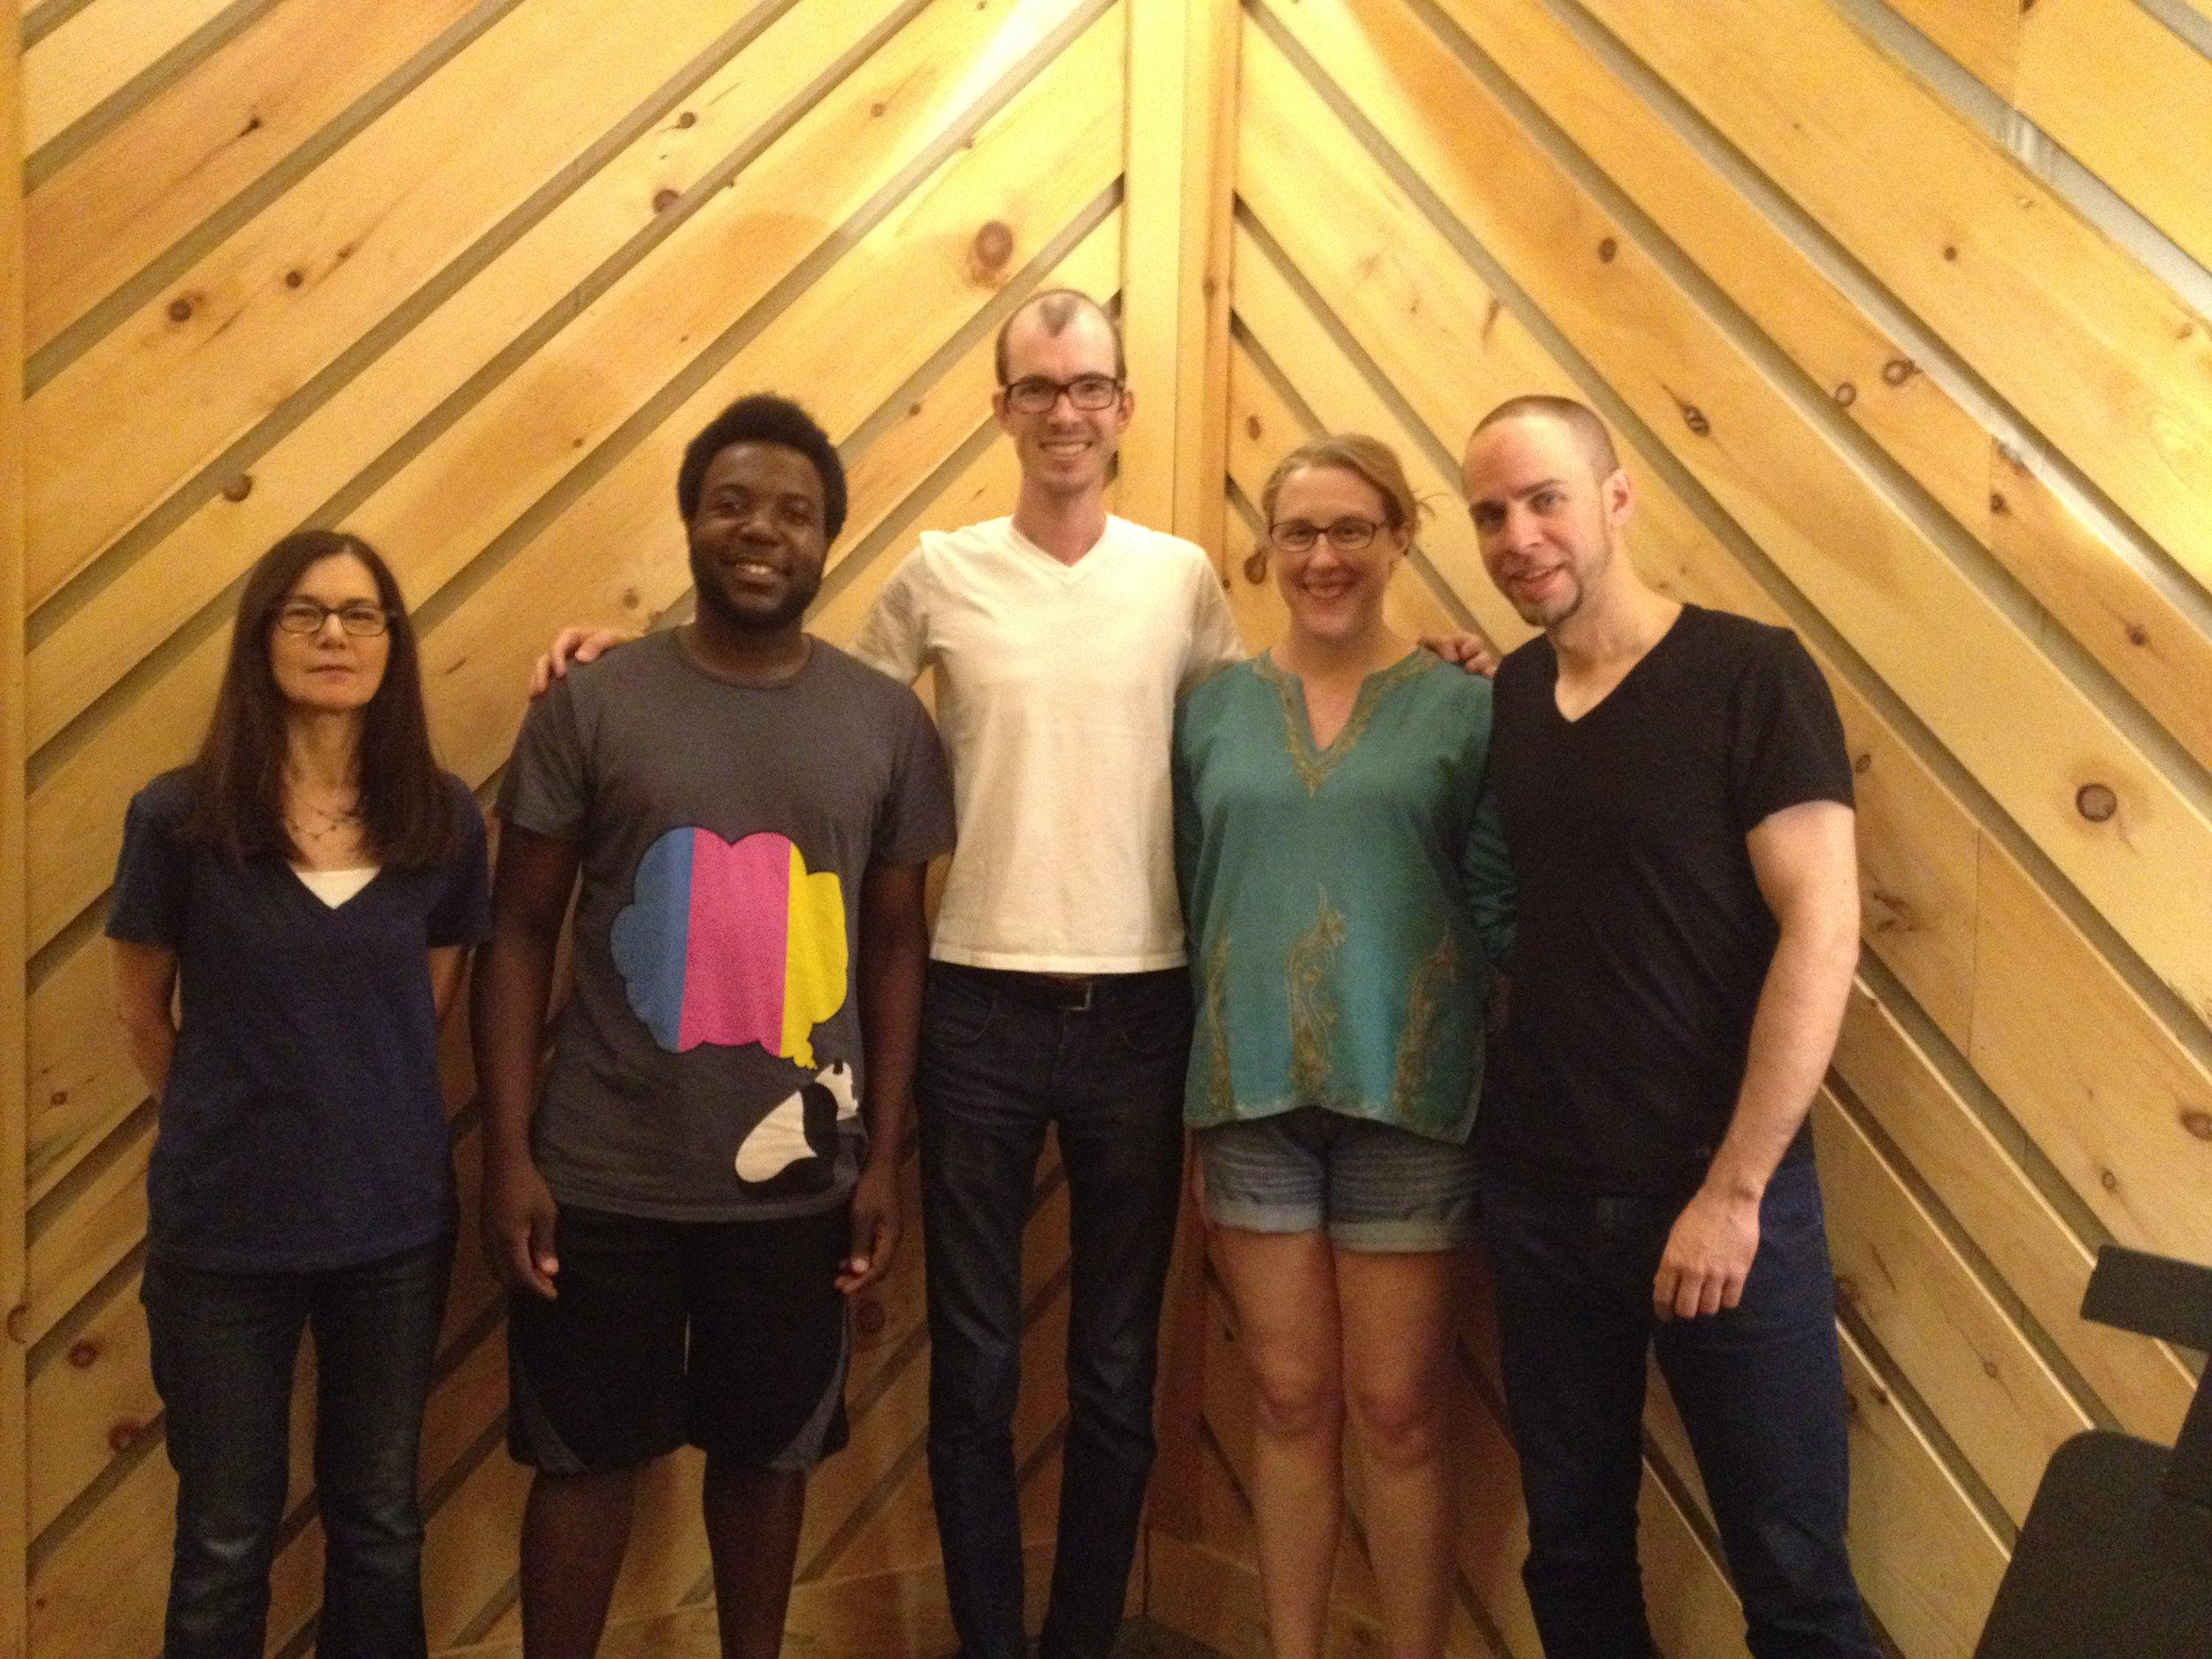 with James Hall, Jamie Baum, Dianna Witkowski, Allan Mednard 2016